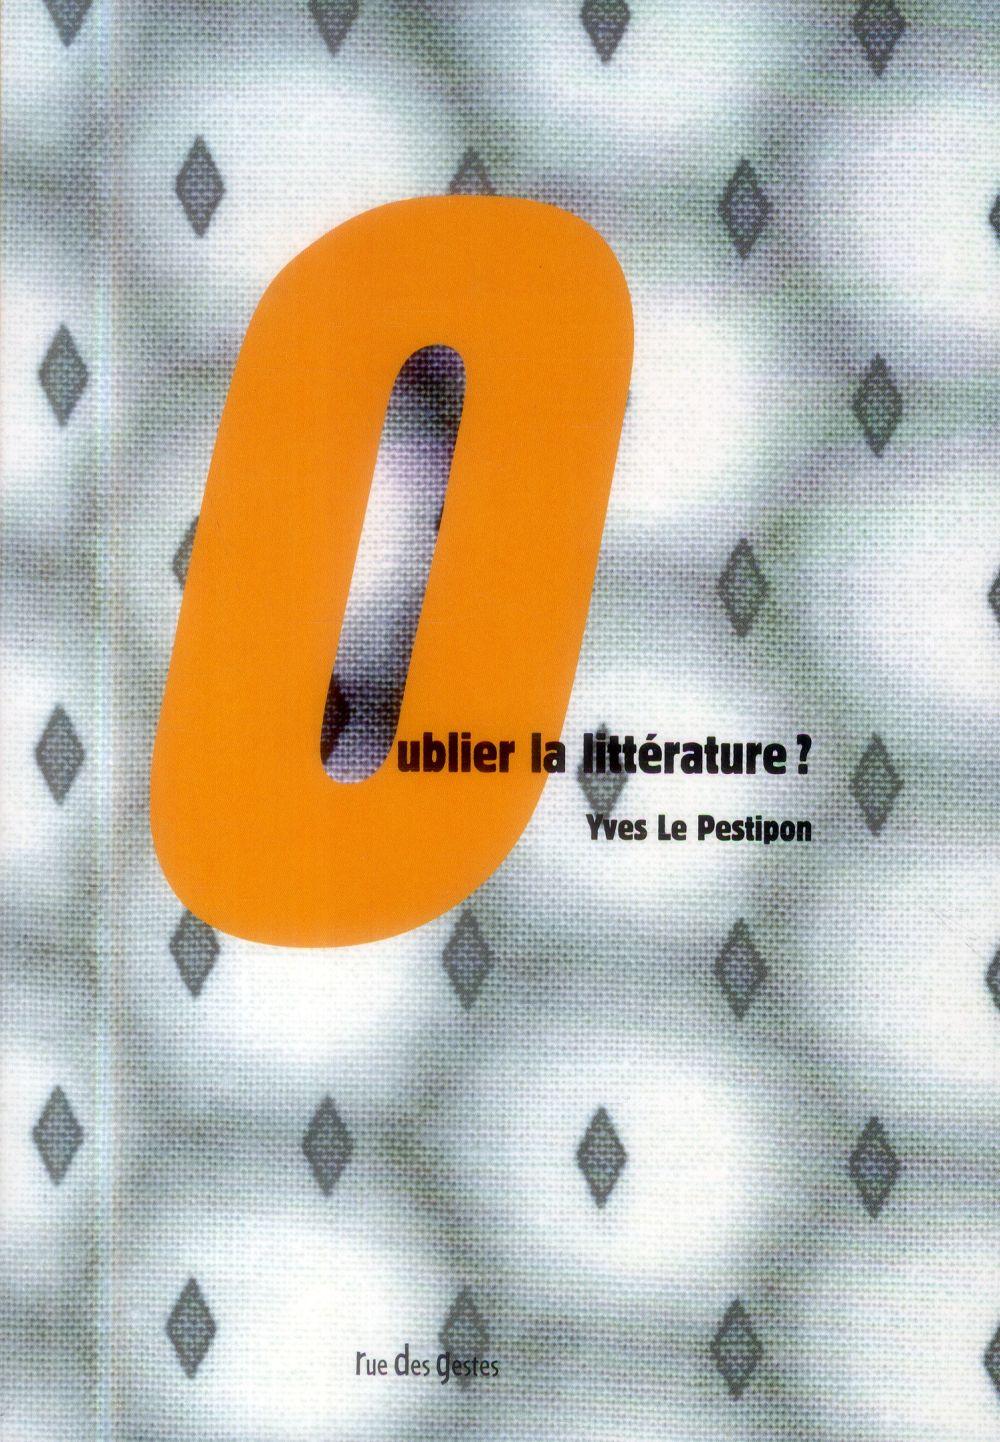 OUBLIER LA LITTERATURE